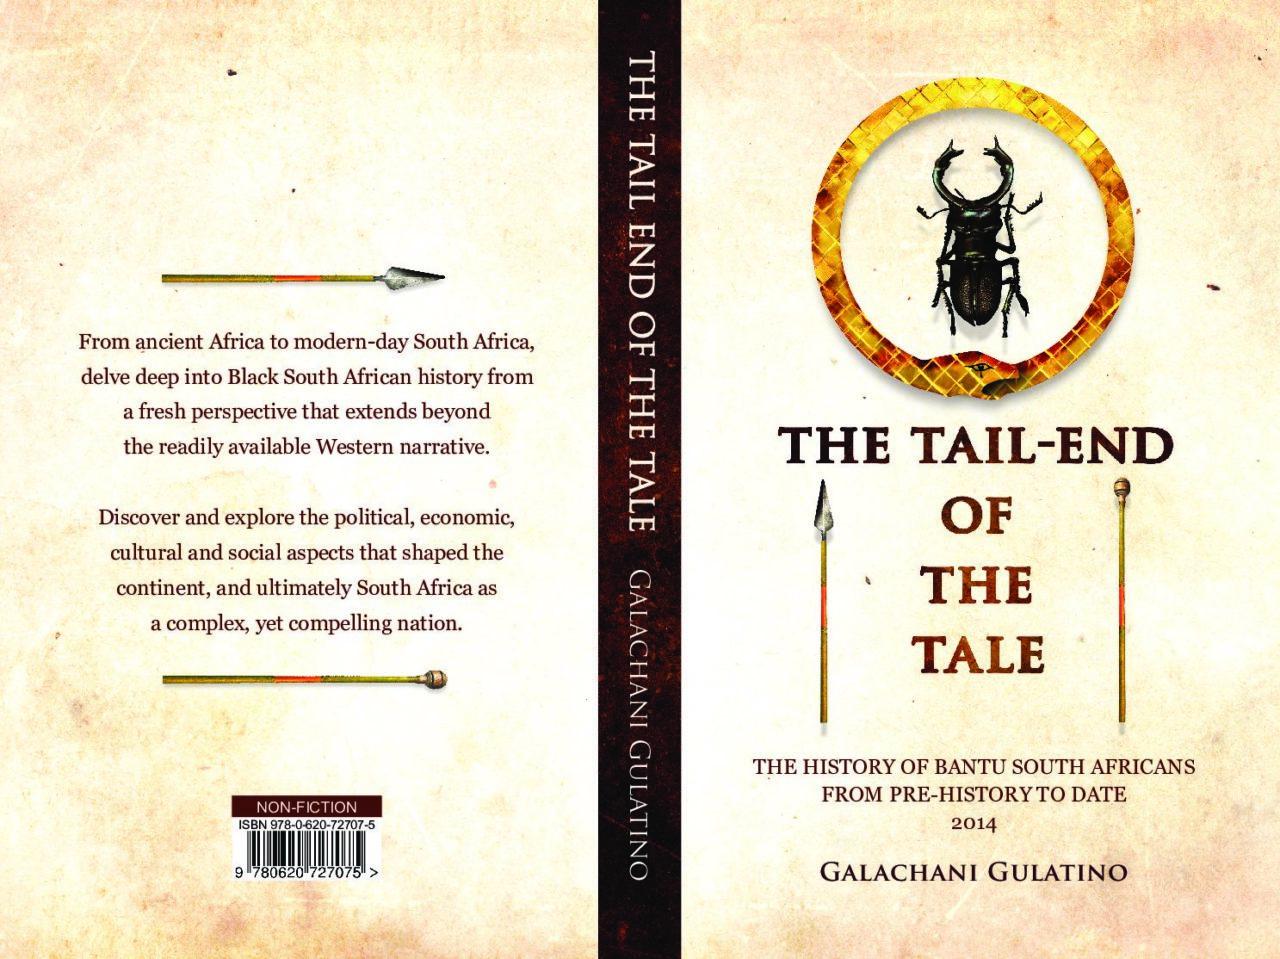 Book-cover-1-pdf-1280x959.jpg